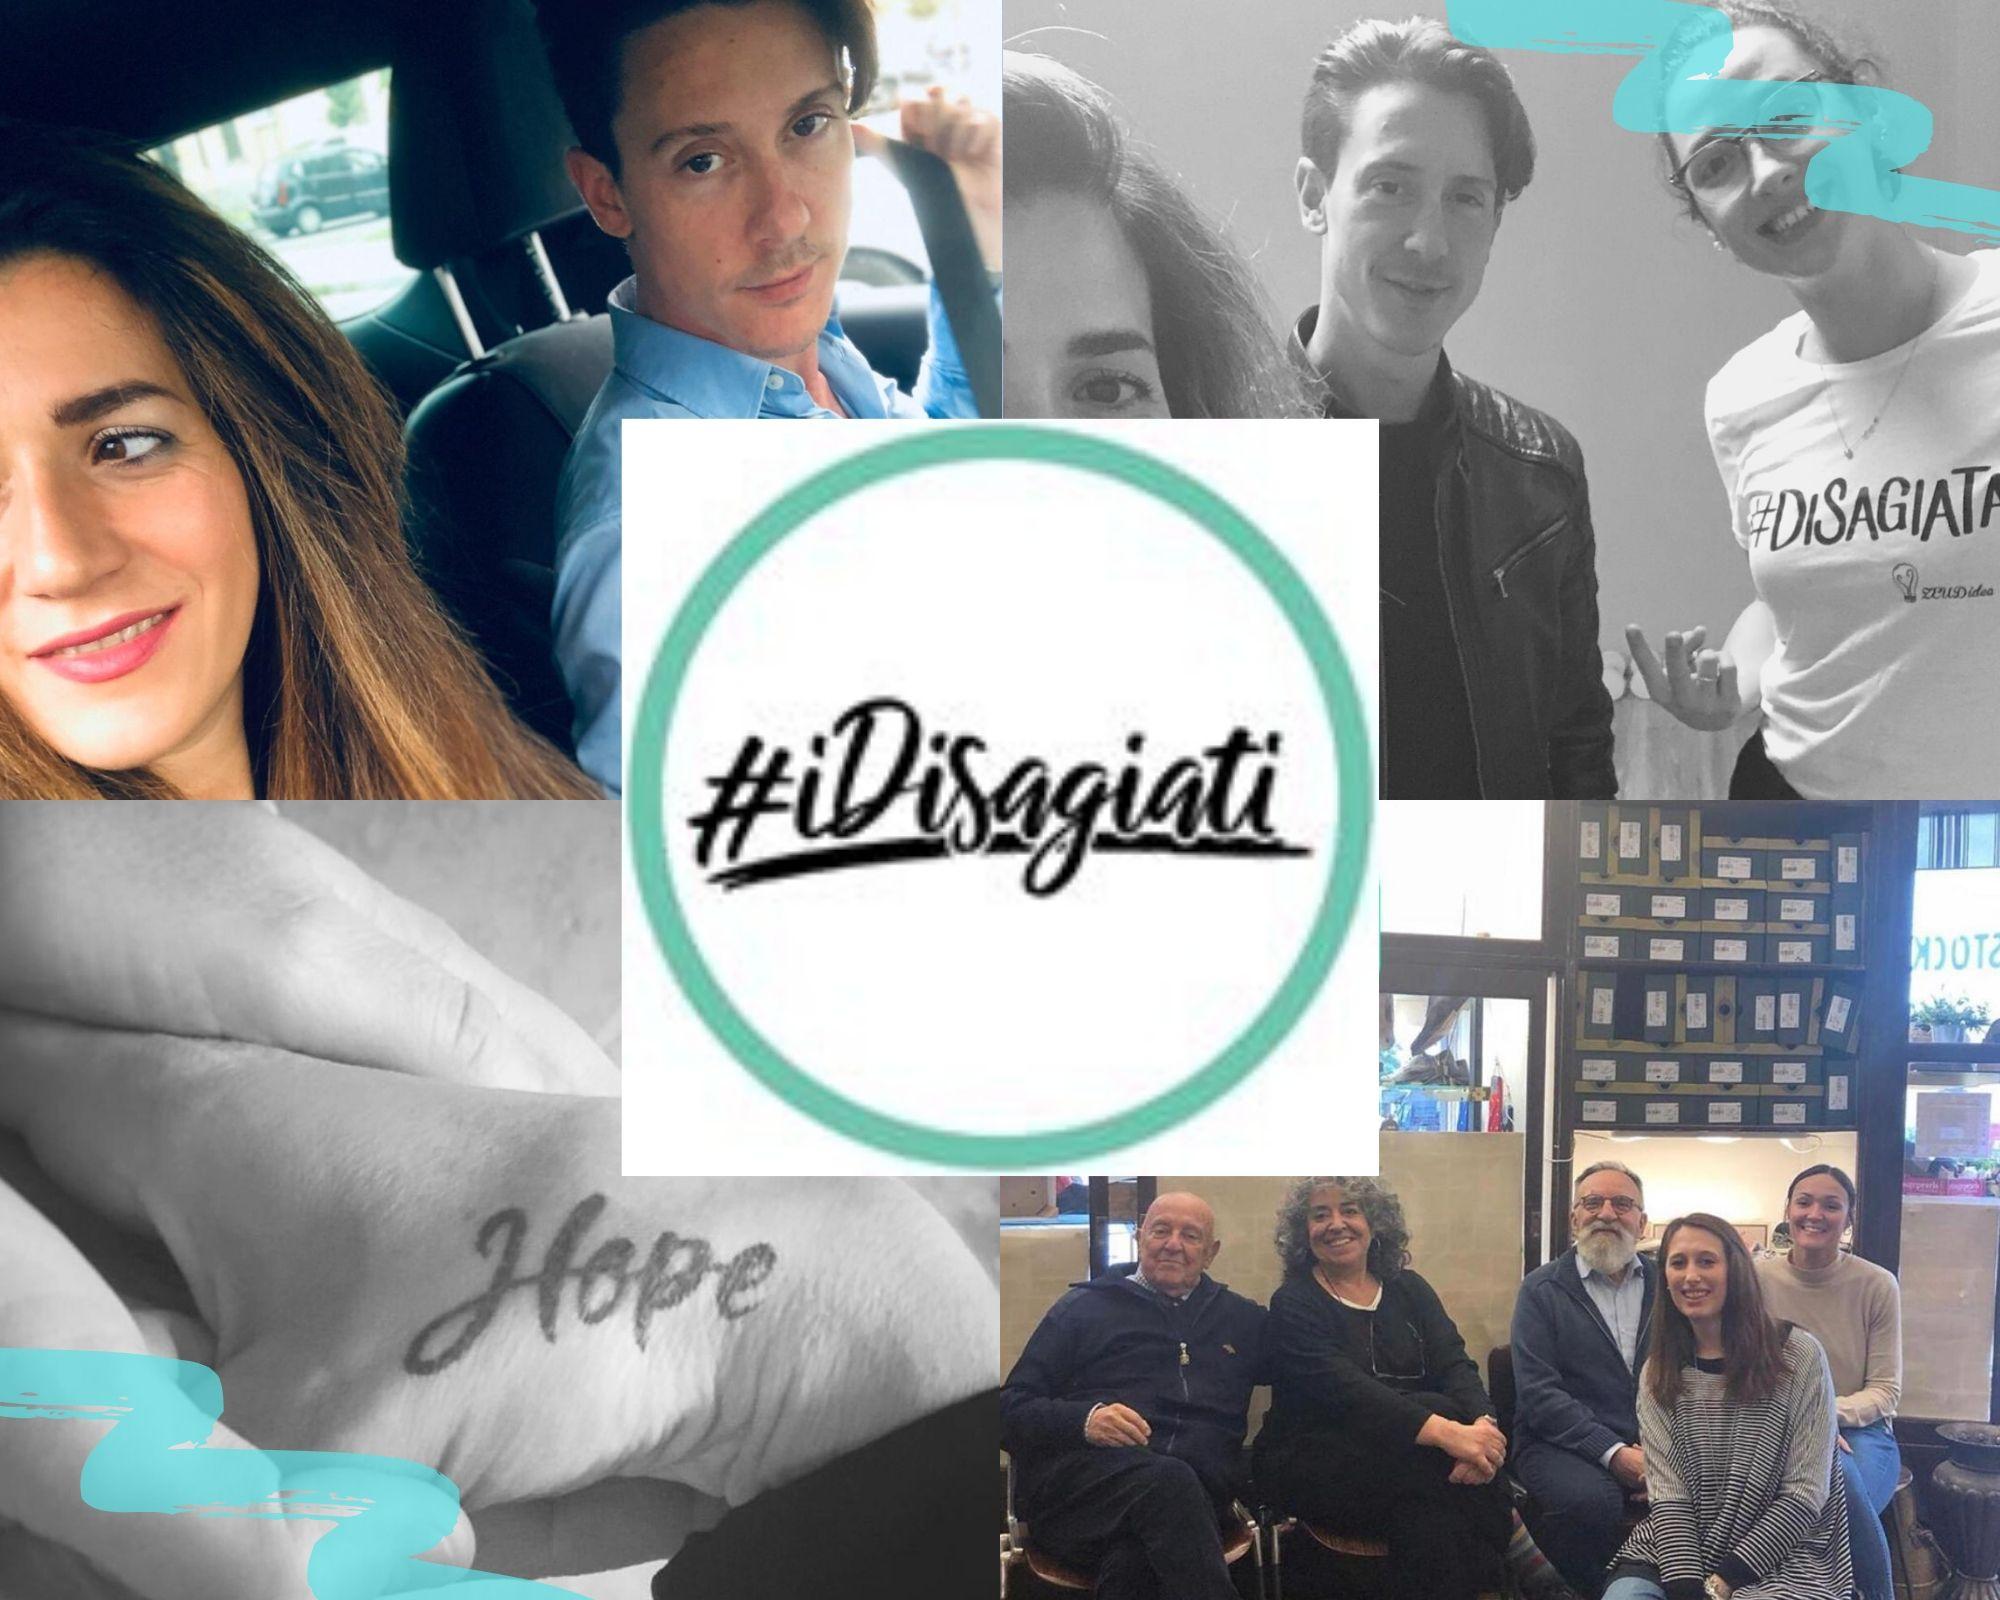 L'articolo parla de #iDisagiati, un'Associazione di 120 commercianti in tutta Italia, che hanno creato una community sul web e una rete sul territorio per promuovere le loro attività, far nascere contatti, combattere la crisi.